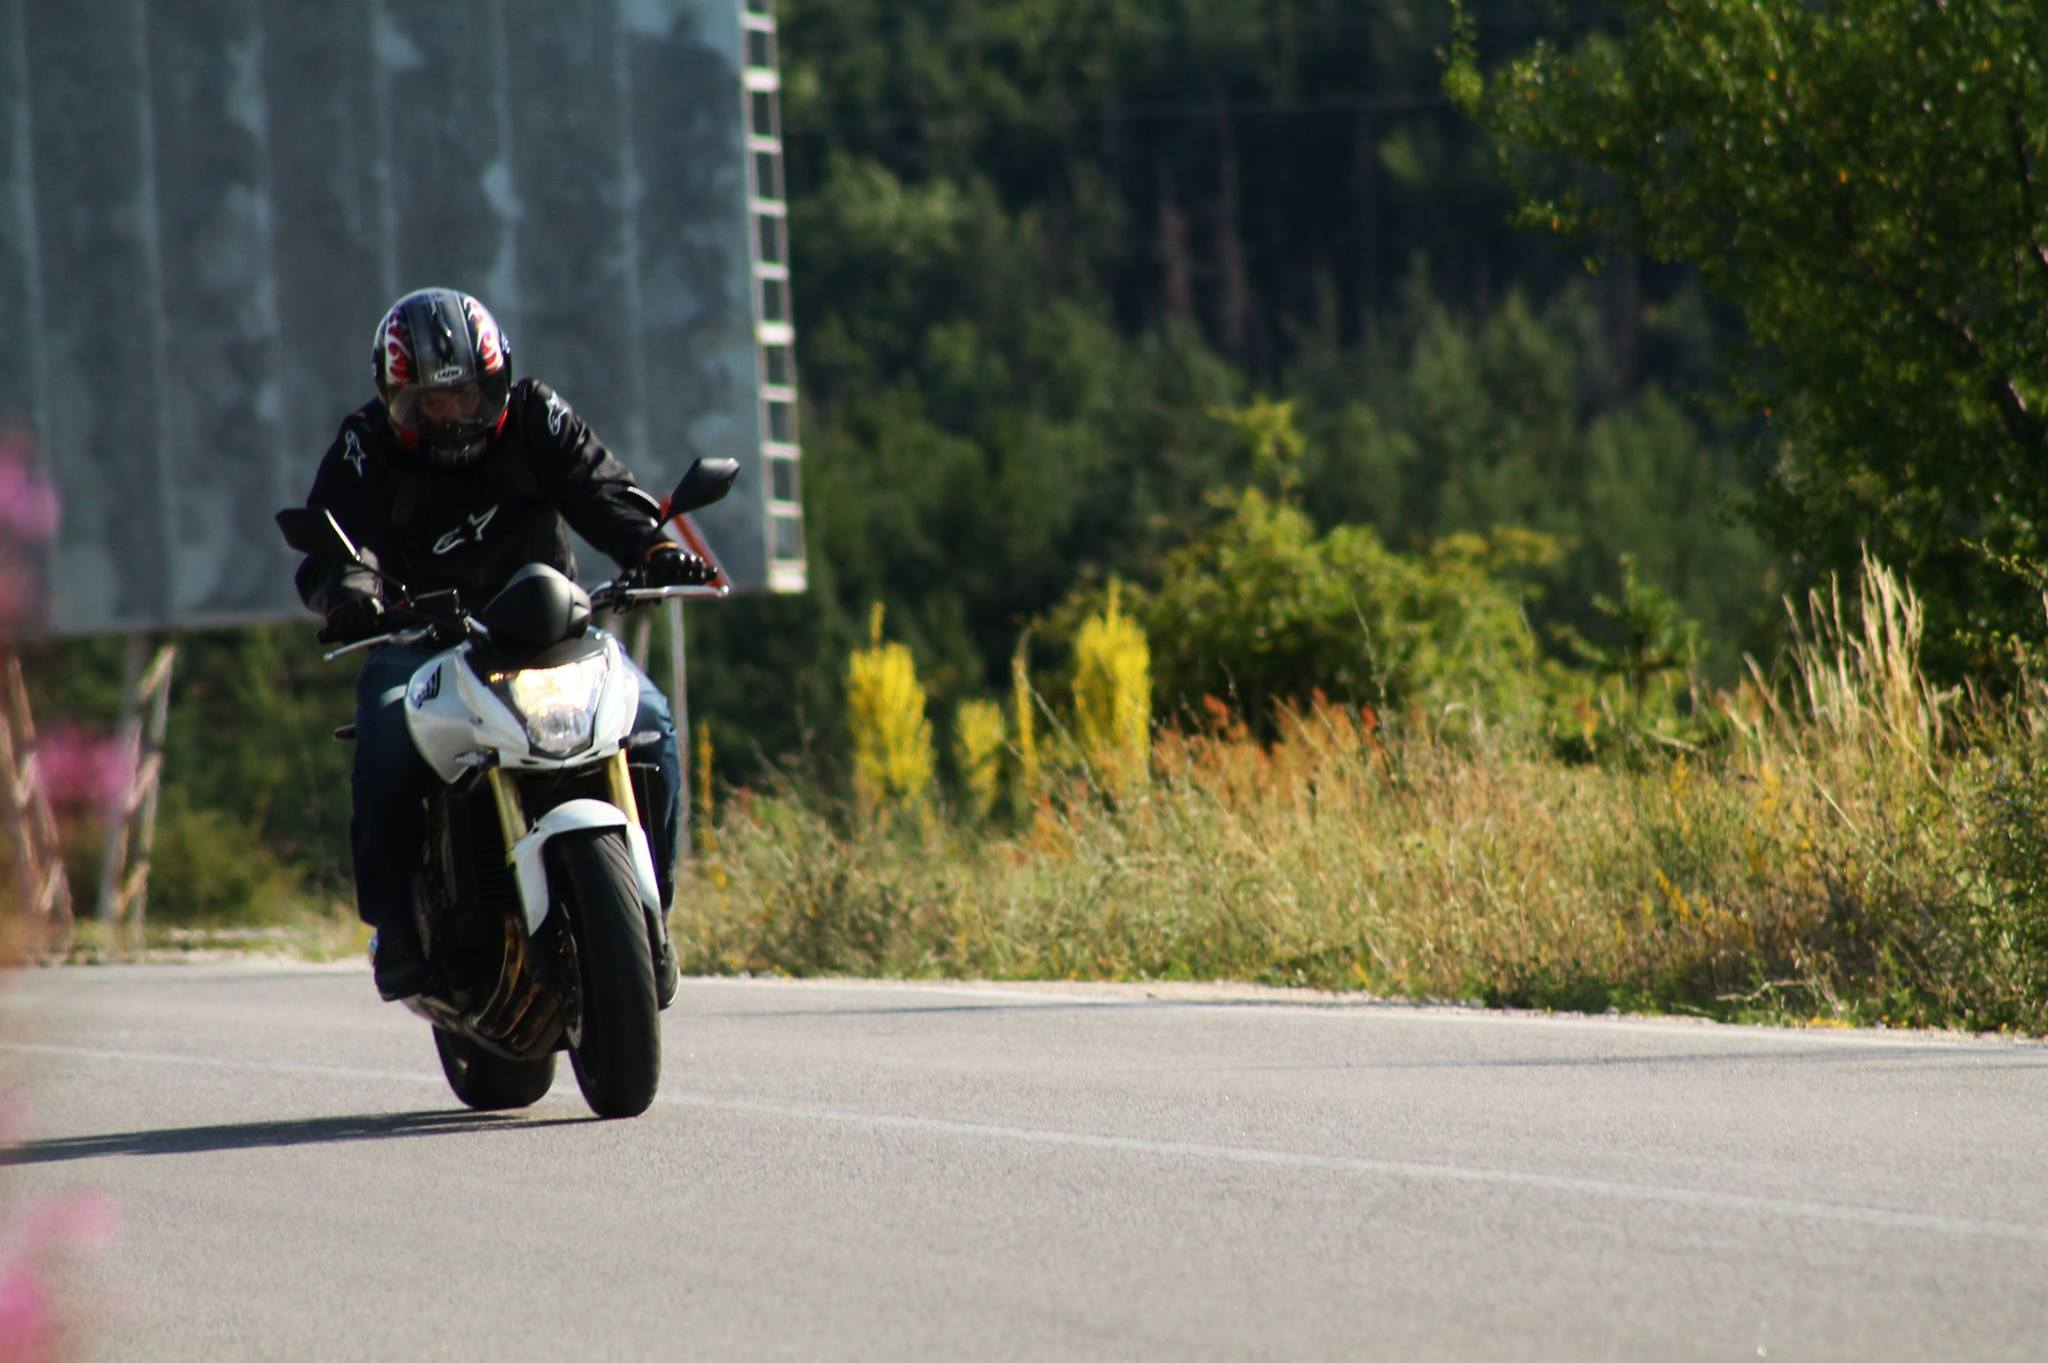 Honda Hornet Pavel Dzhunev